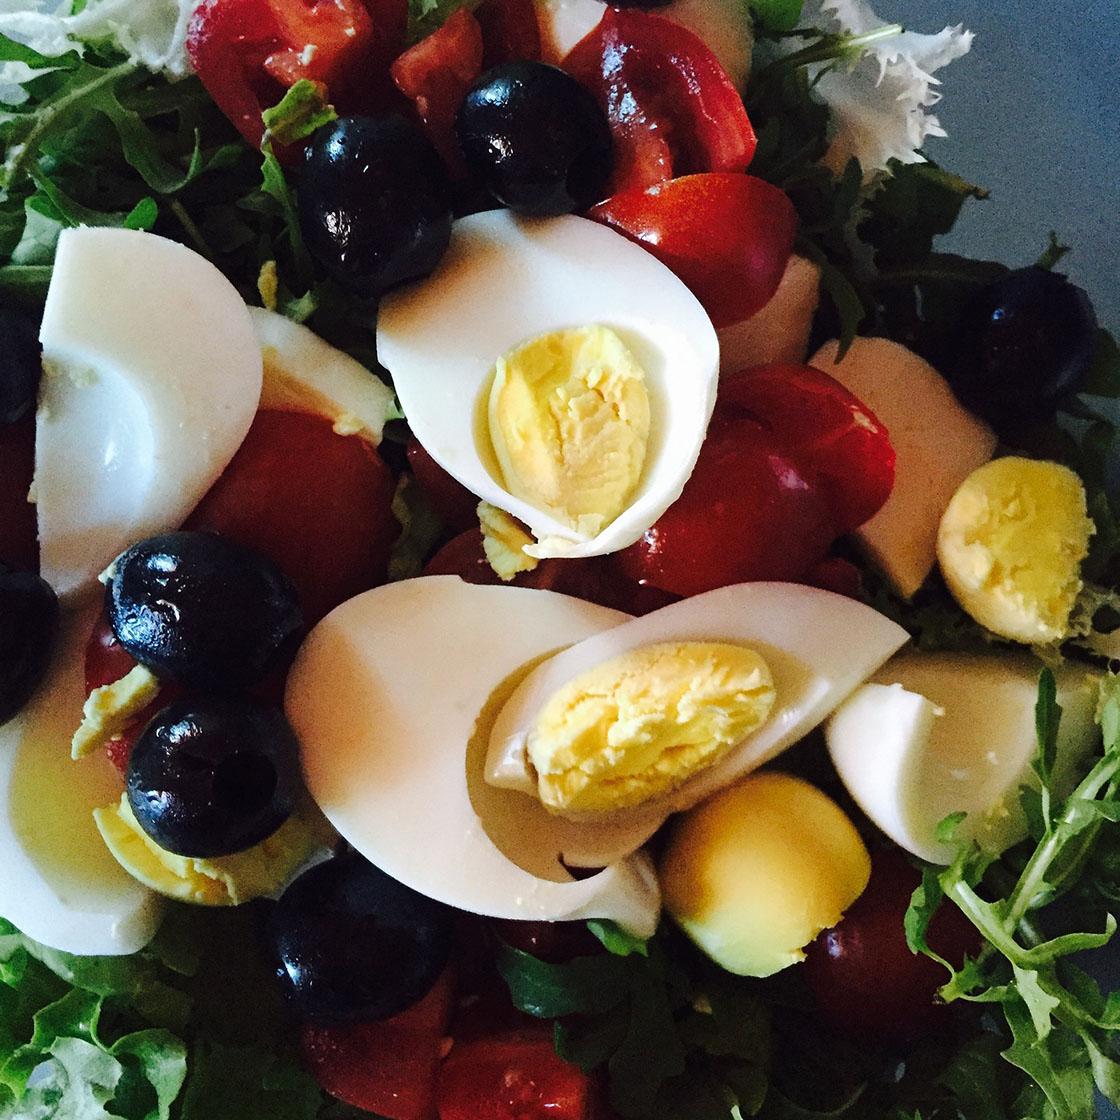 Insalata con uova di quaglia, rughetta, pomodori e olive.